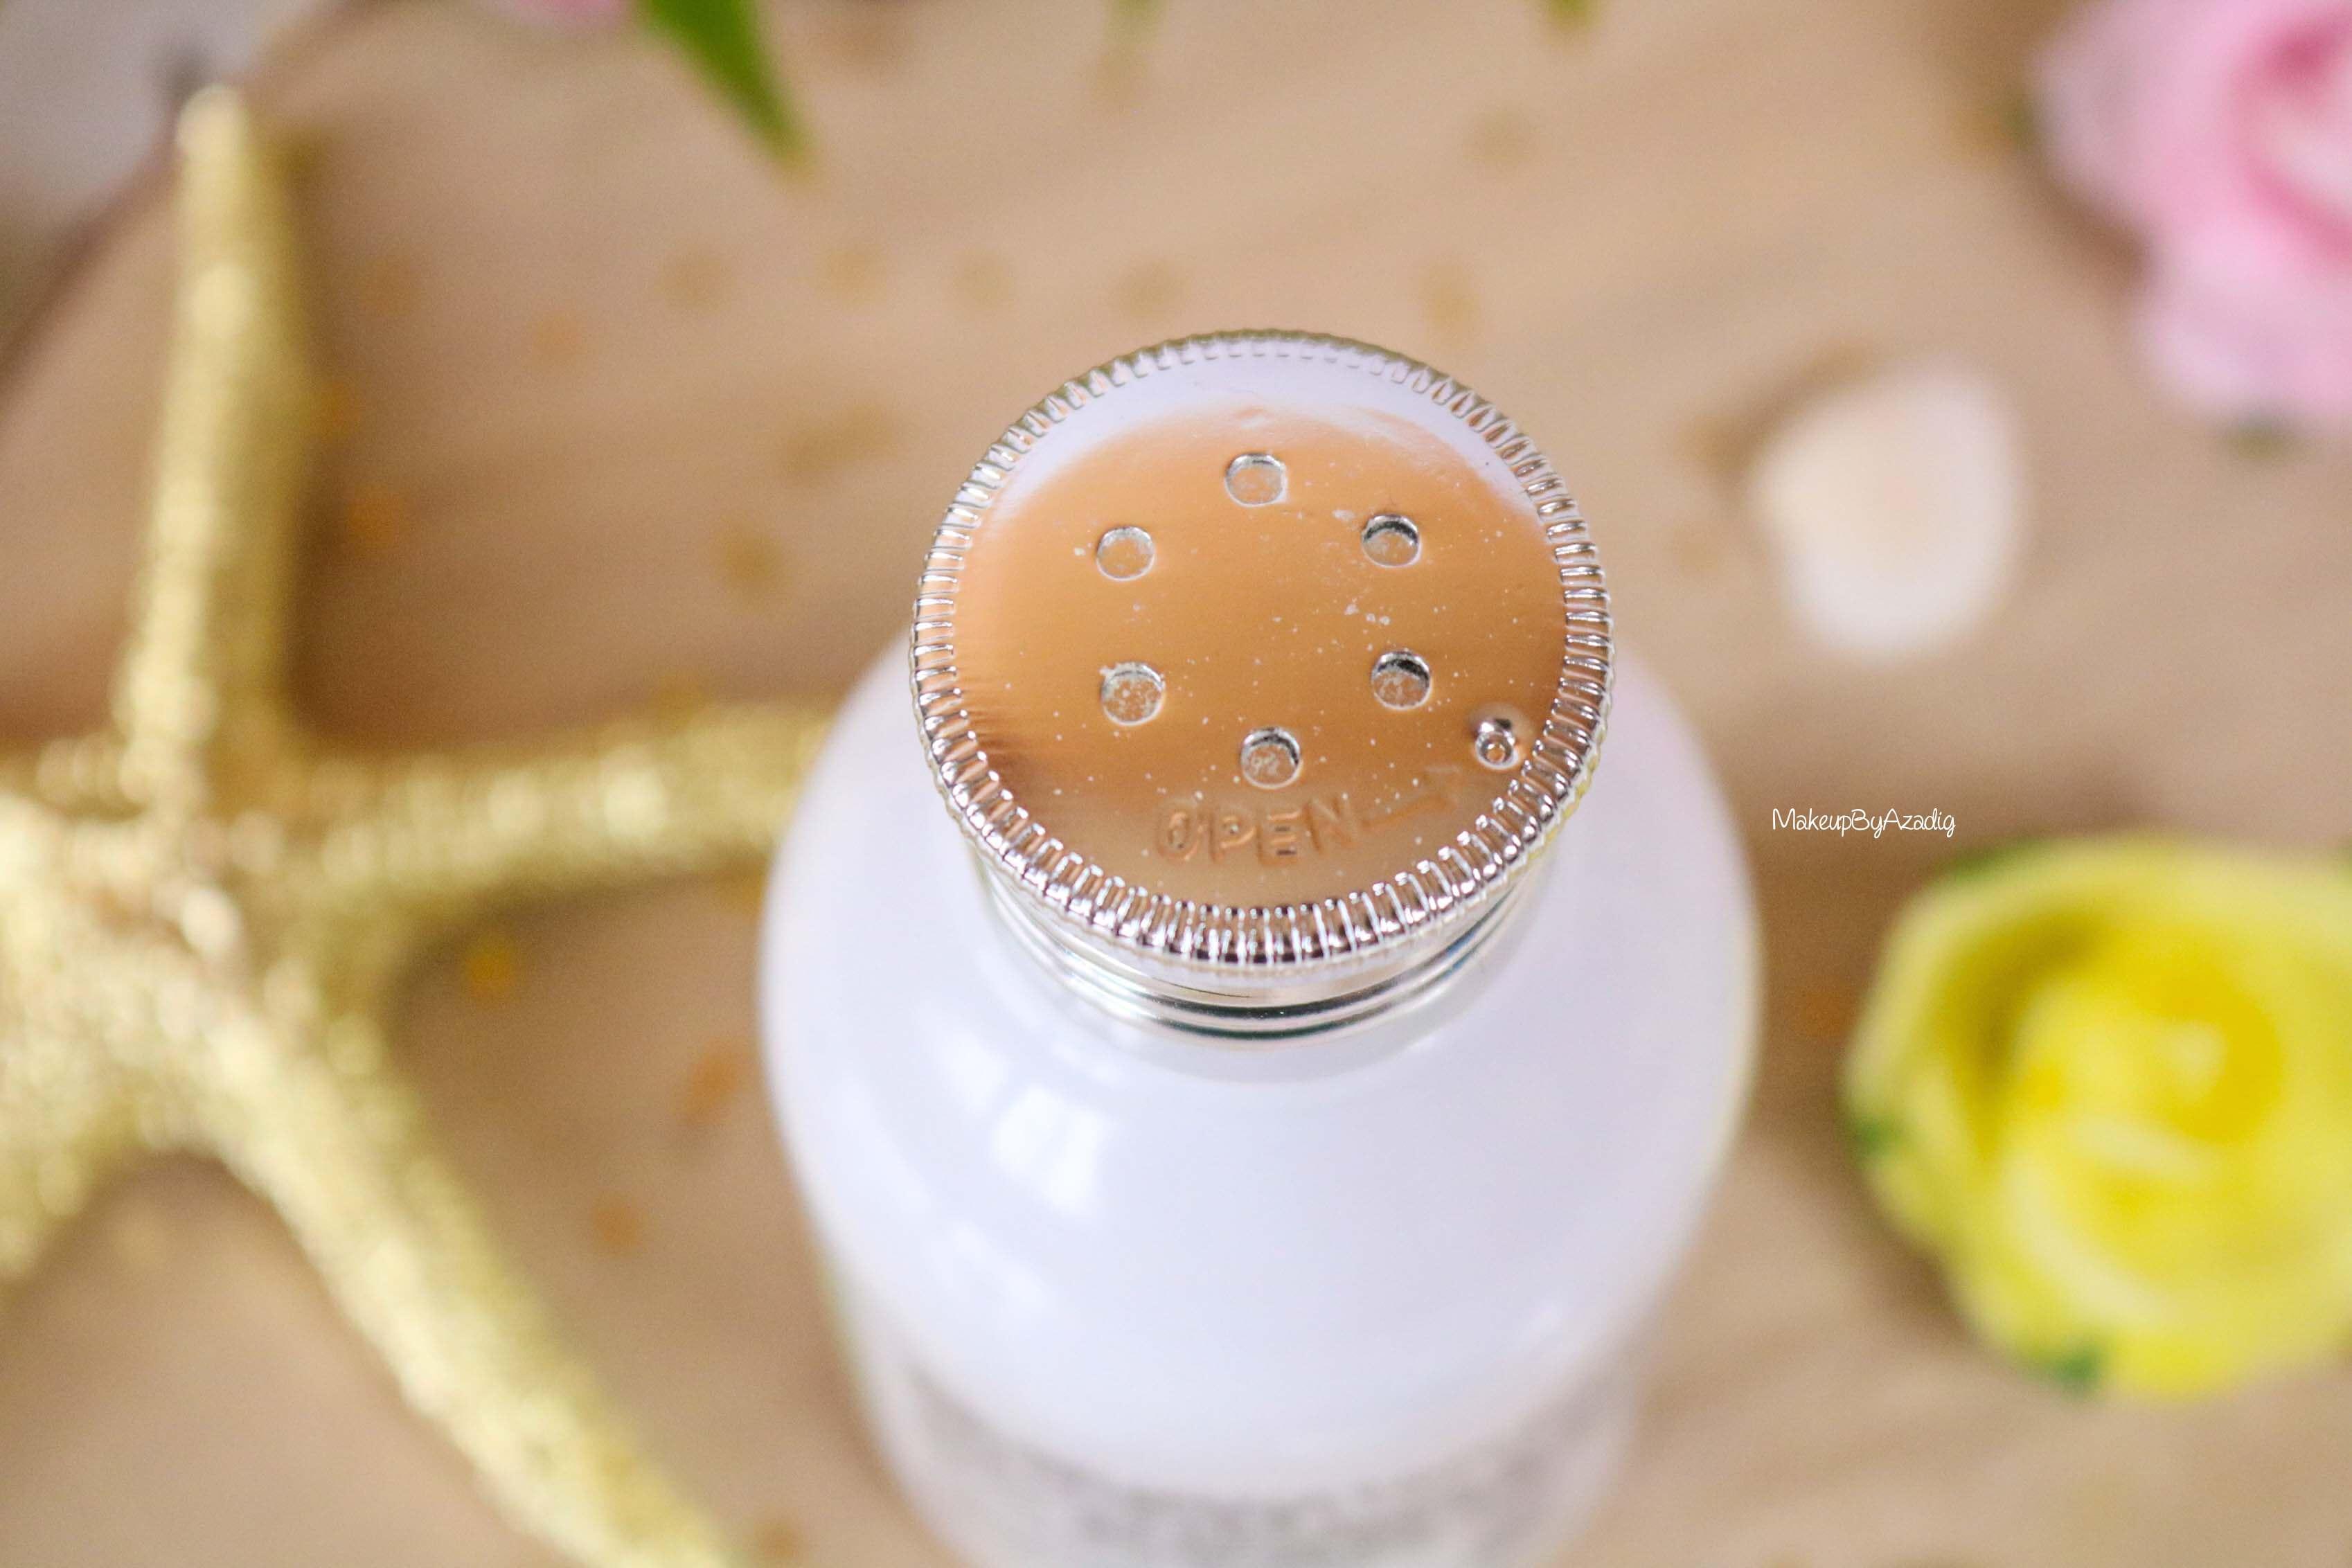 savon-saupoudrer-famille-enfant-moussaillon-indemne-avis-prix-makeupbyazadig-limitee-mimosa-provence-toulouse-monoprix